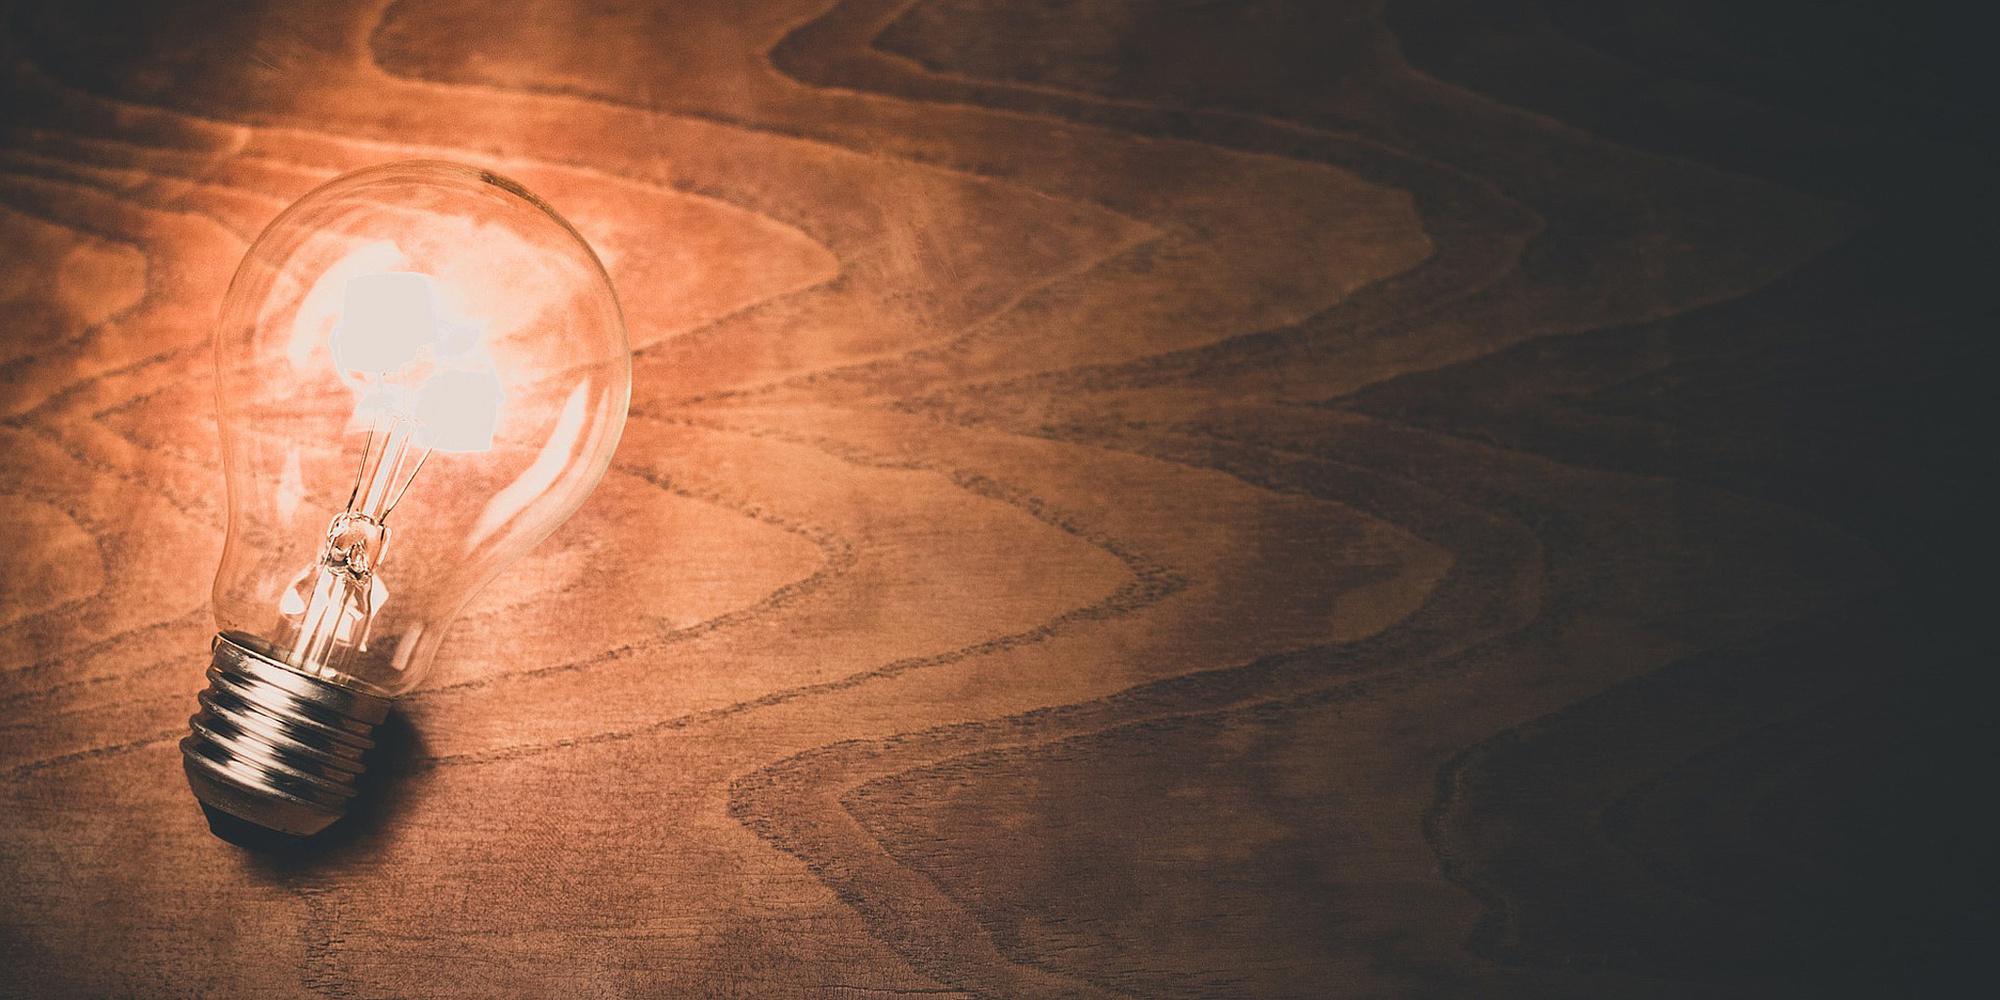 leuchtende Glühbirne auf Holzoberfläche